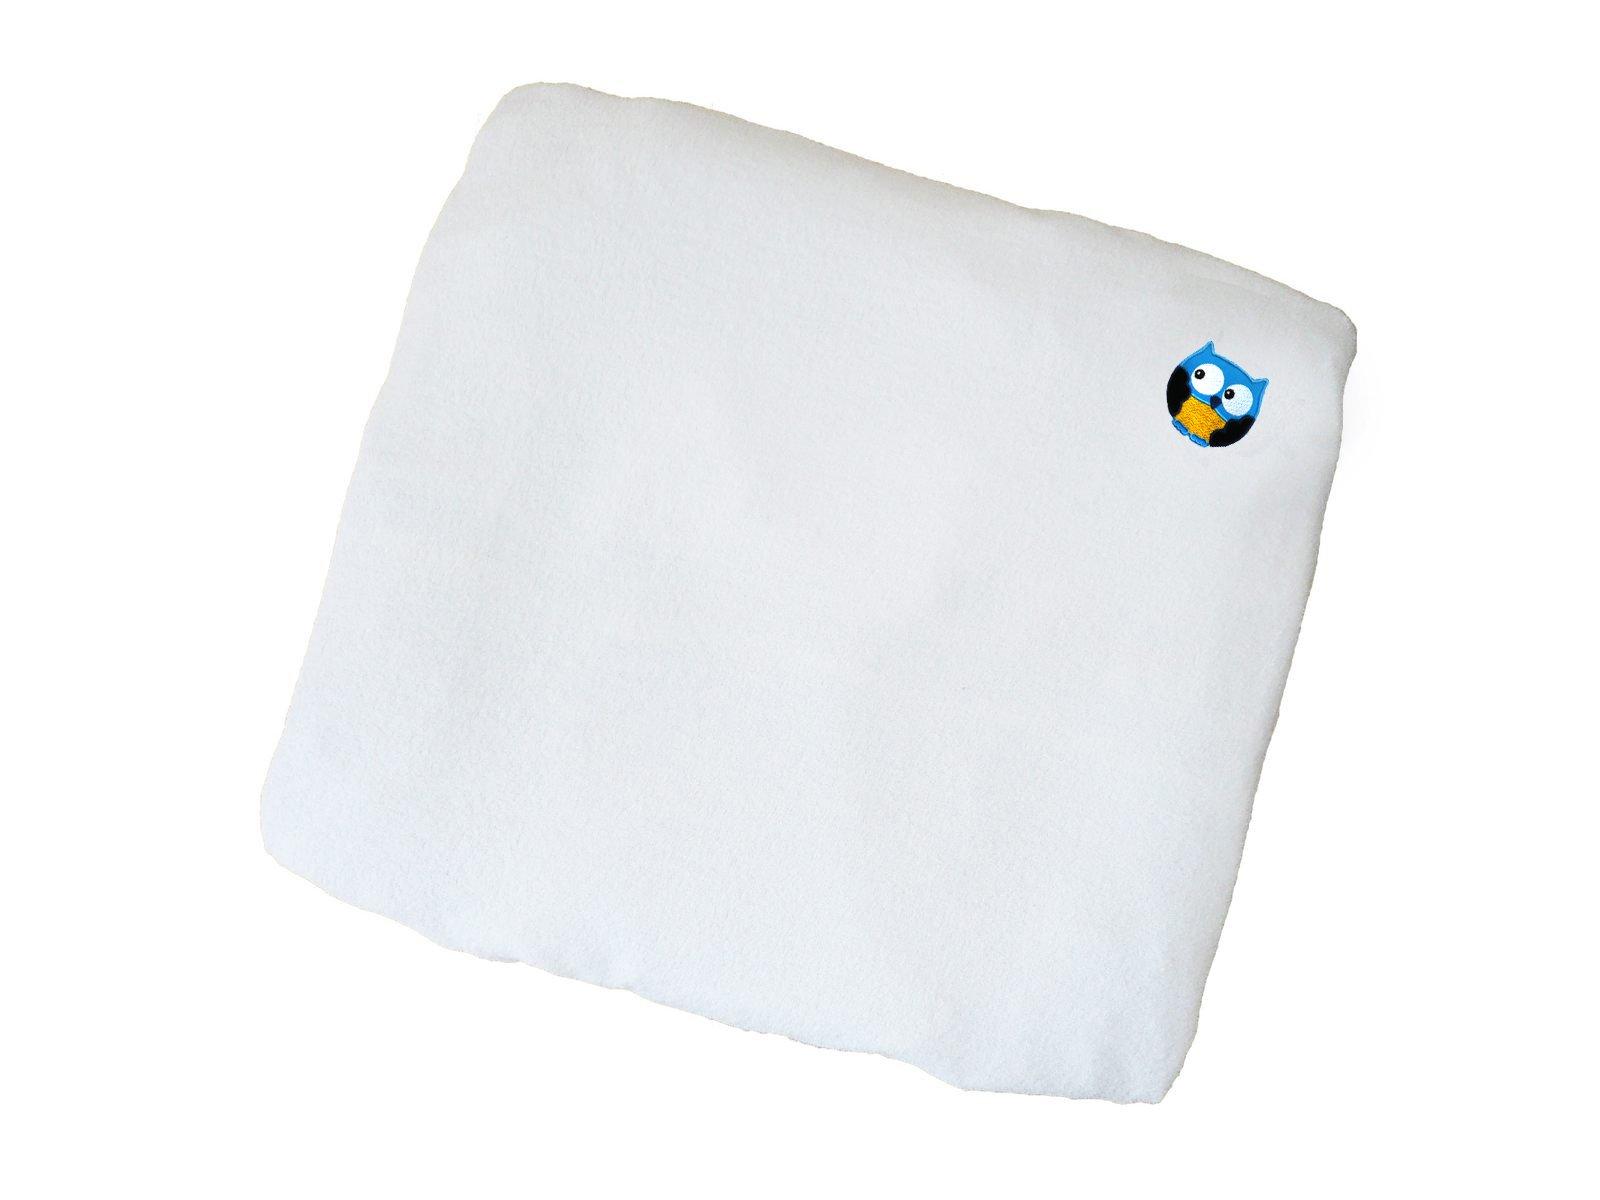 Linden 25701 Coprimaterasso Fasciatoio con Applicazione, Bianco, 75 x 85 cm